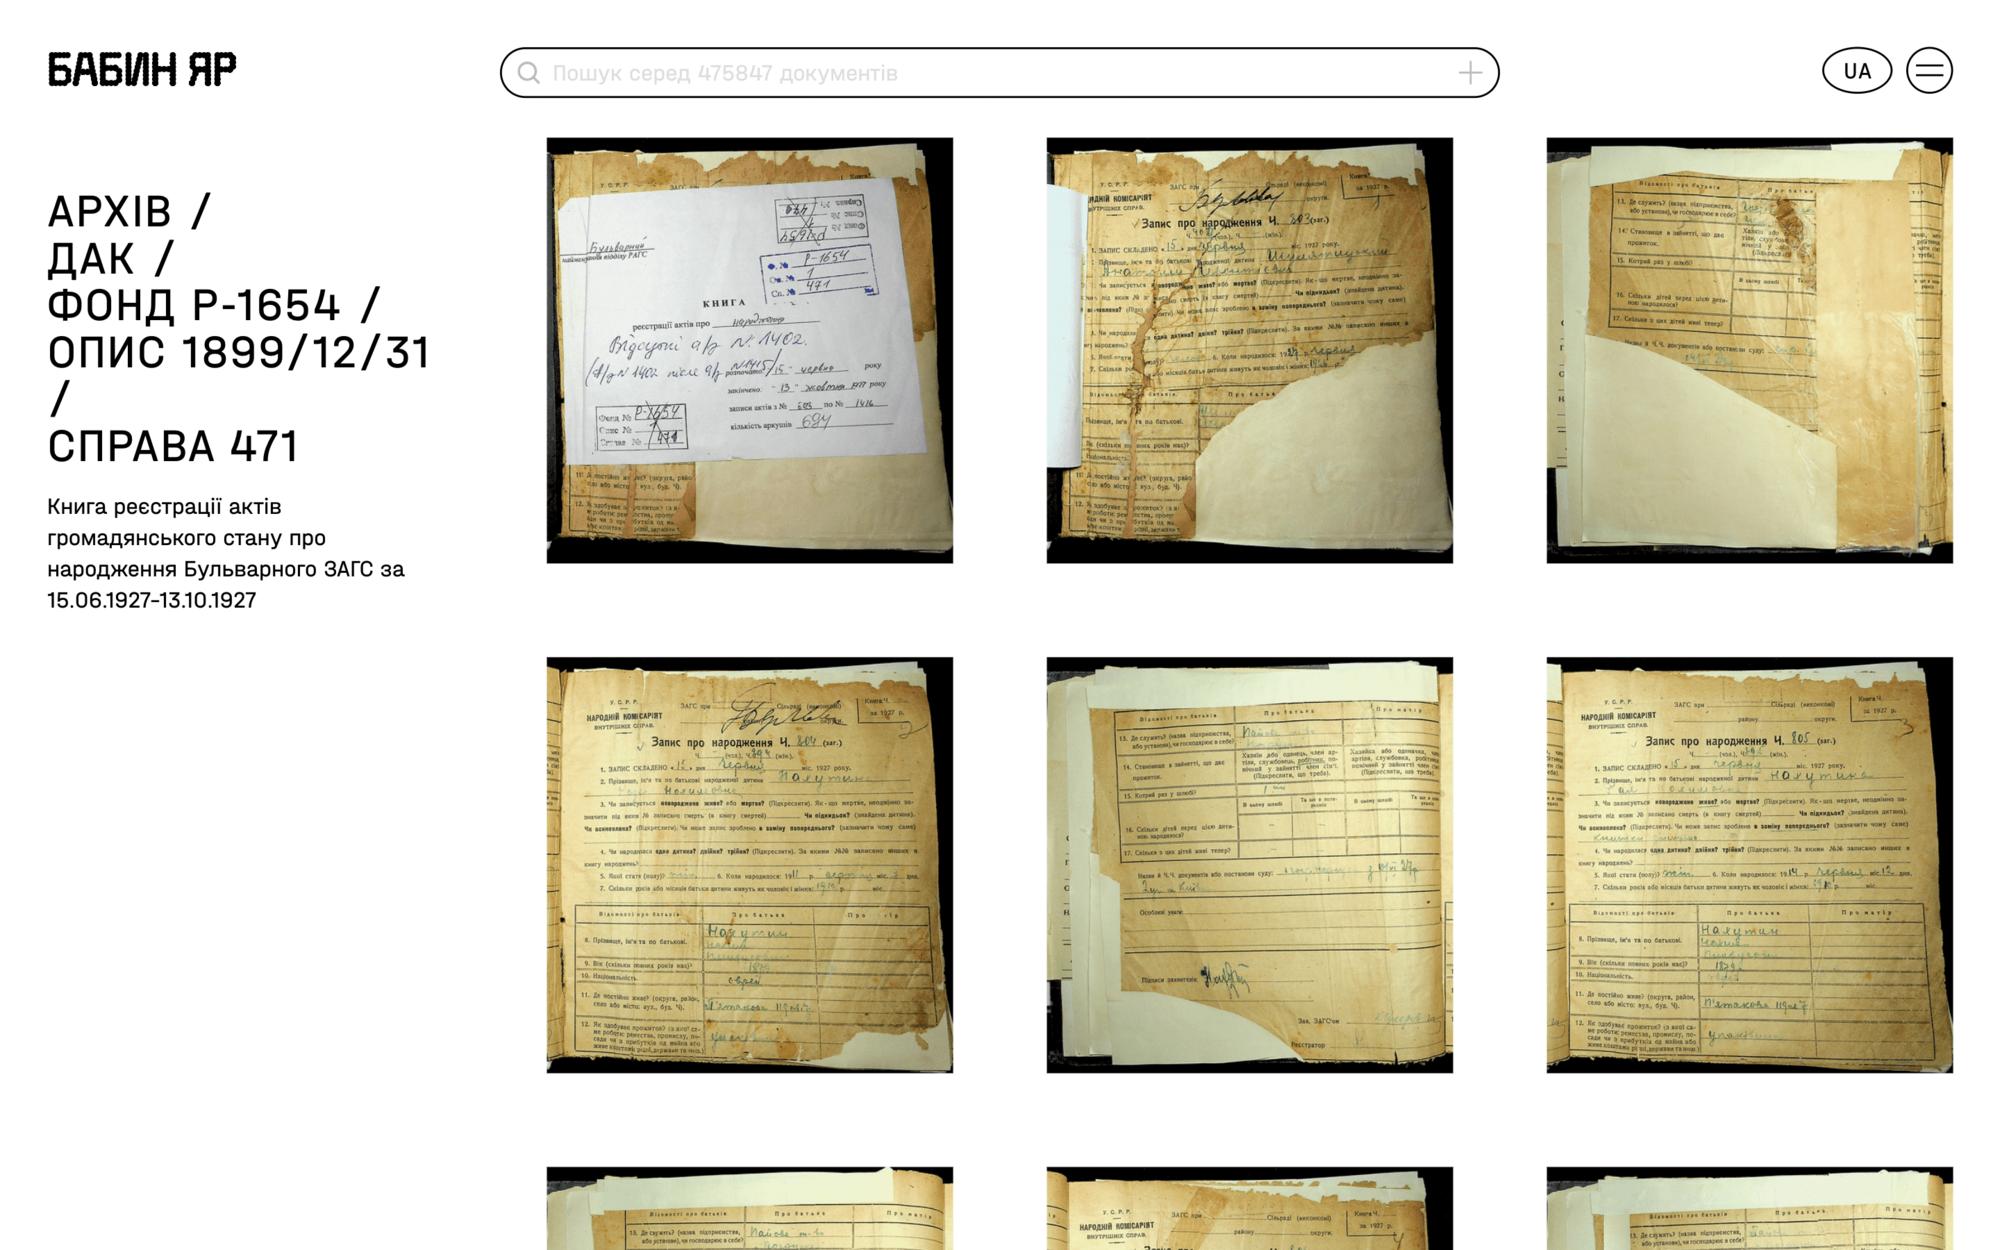 """Меморіальний центр Голокосту """"Бабин Яр"""" оприлюднив 300 тисяч важливих документів ХХ сторіччя"""